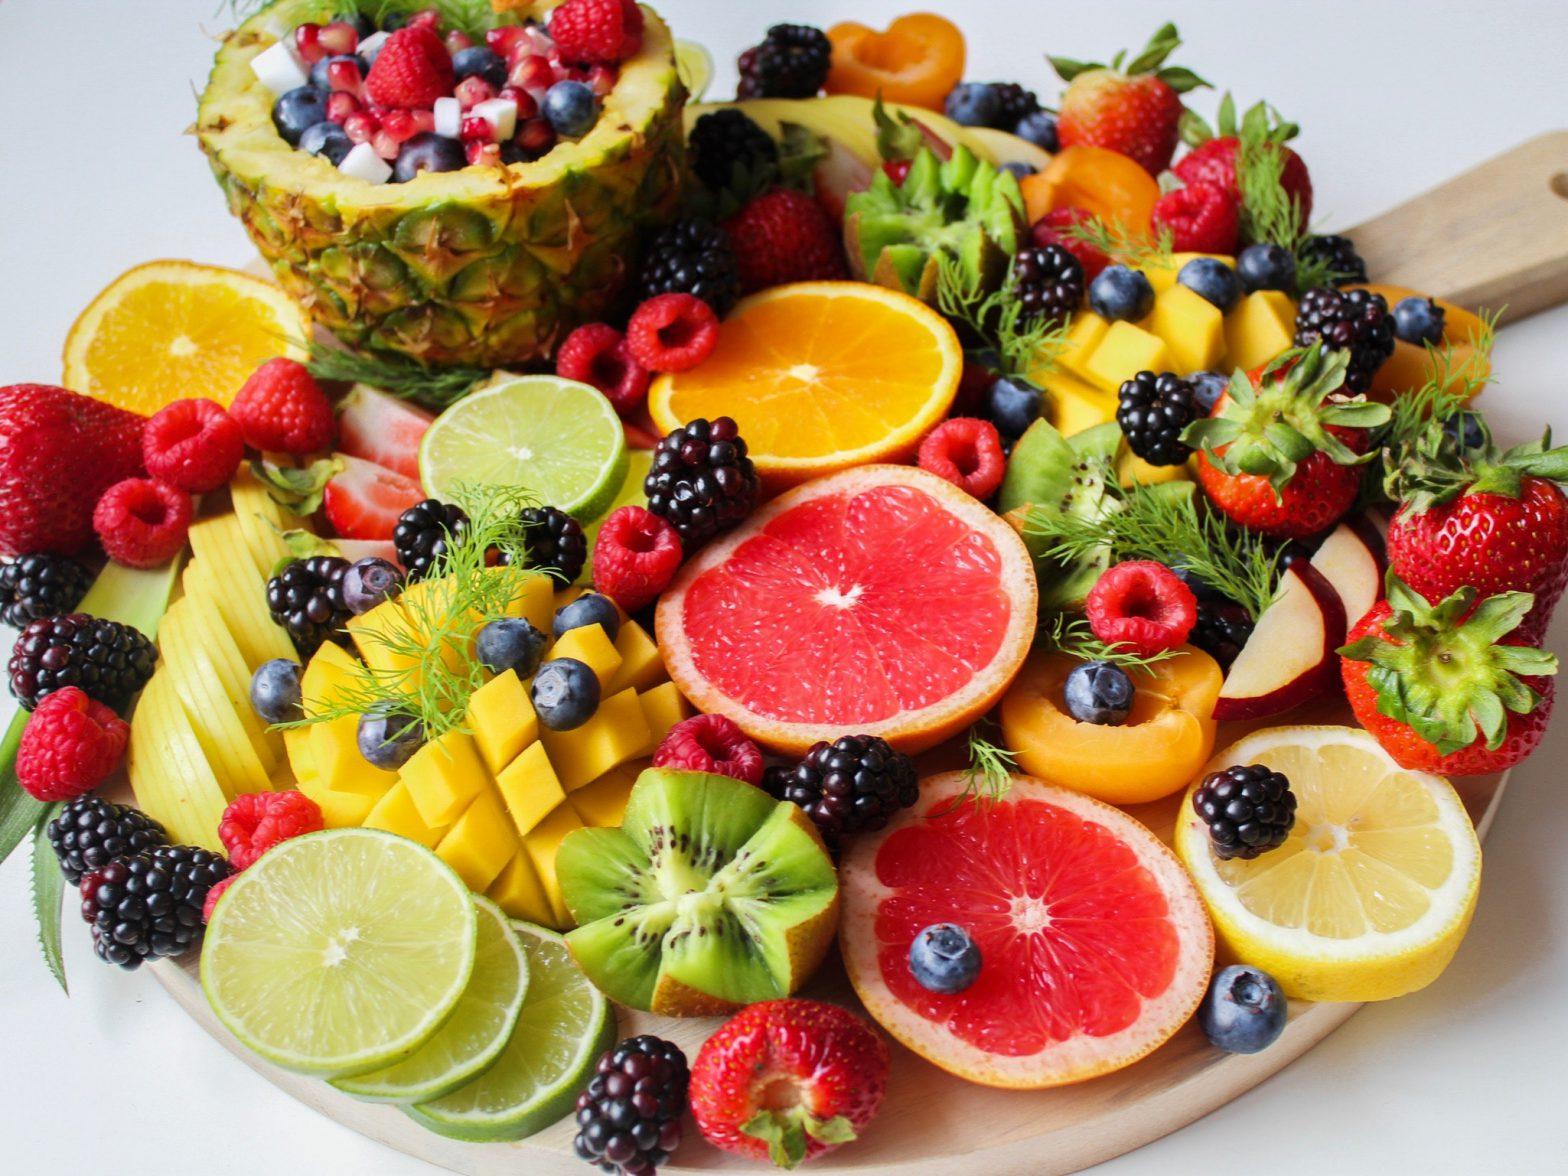 Czy owoce zawierają magnez? Poznaj jego naturalne źródła!